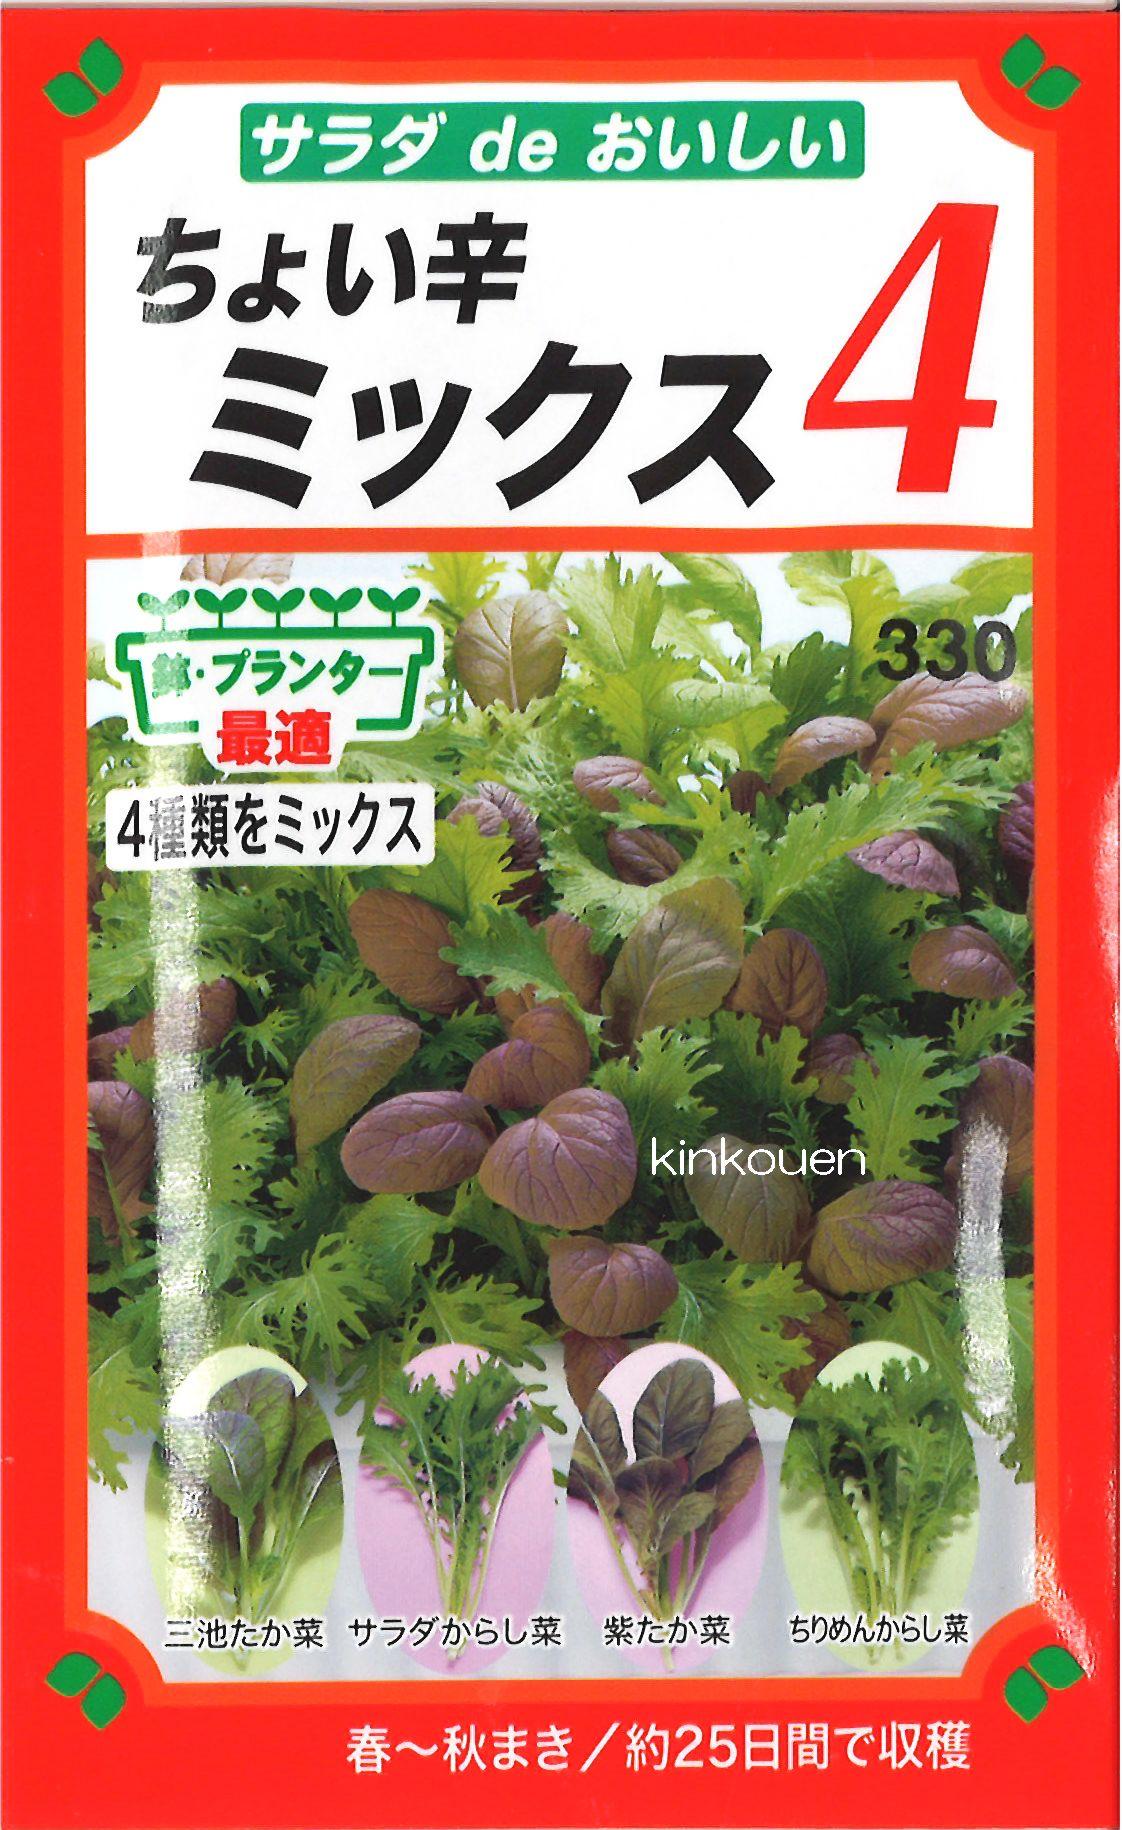 【代引不可】【5袋まで送料80円】 □ちょい辛ミックス4